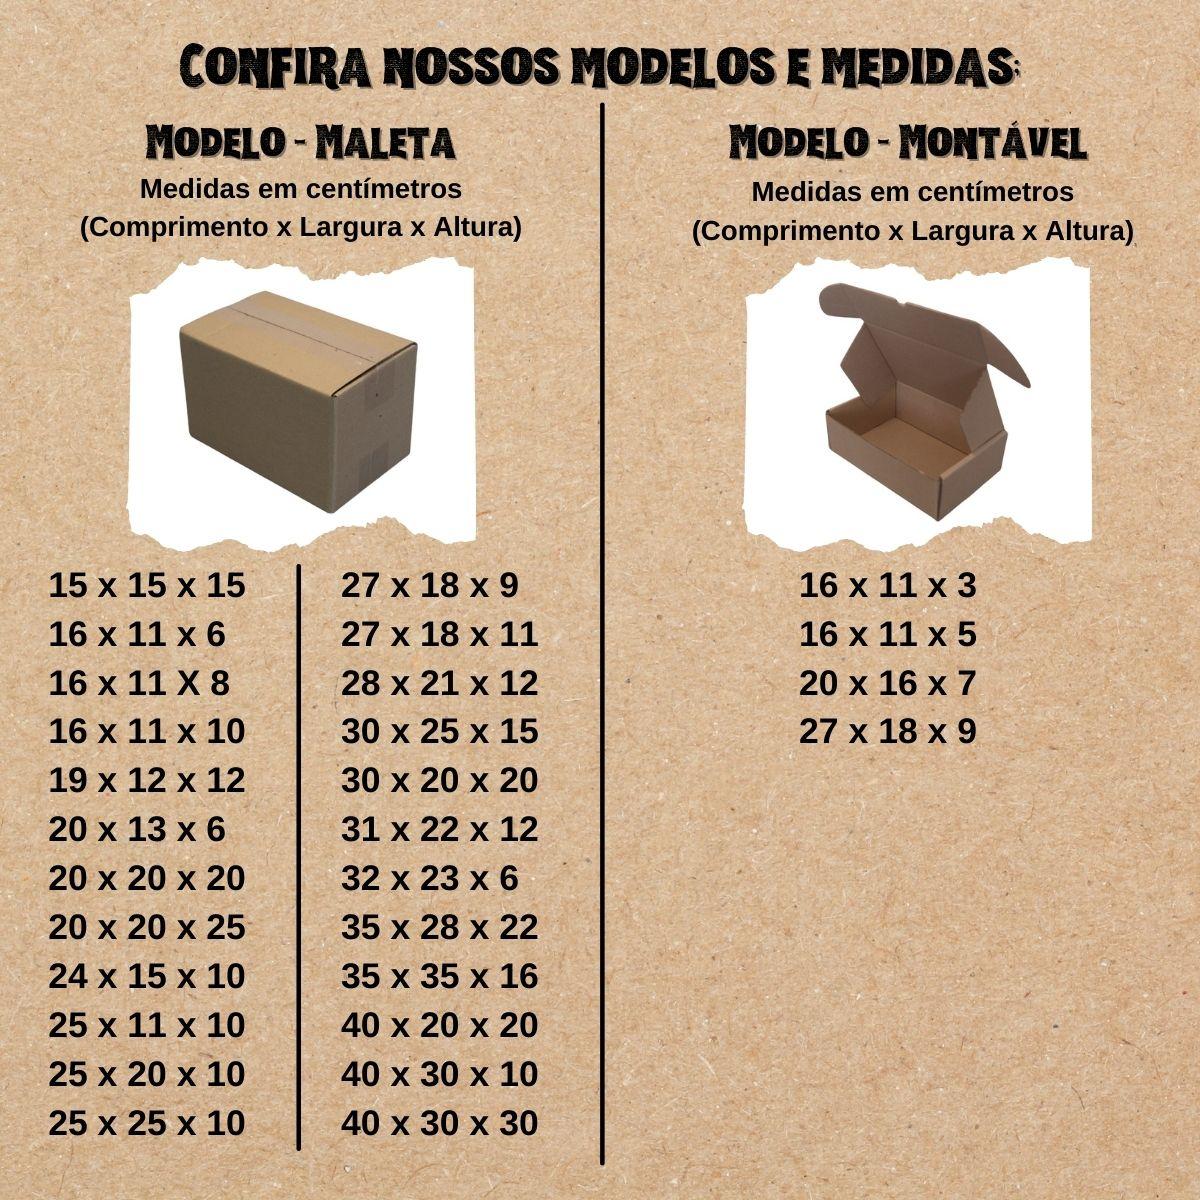 100 Caixas de Papelao (40X30X10)cm - Sedex / Pac / Correios